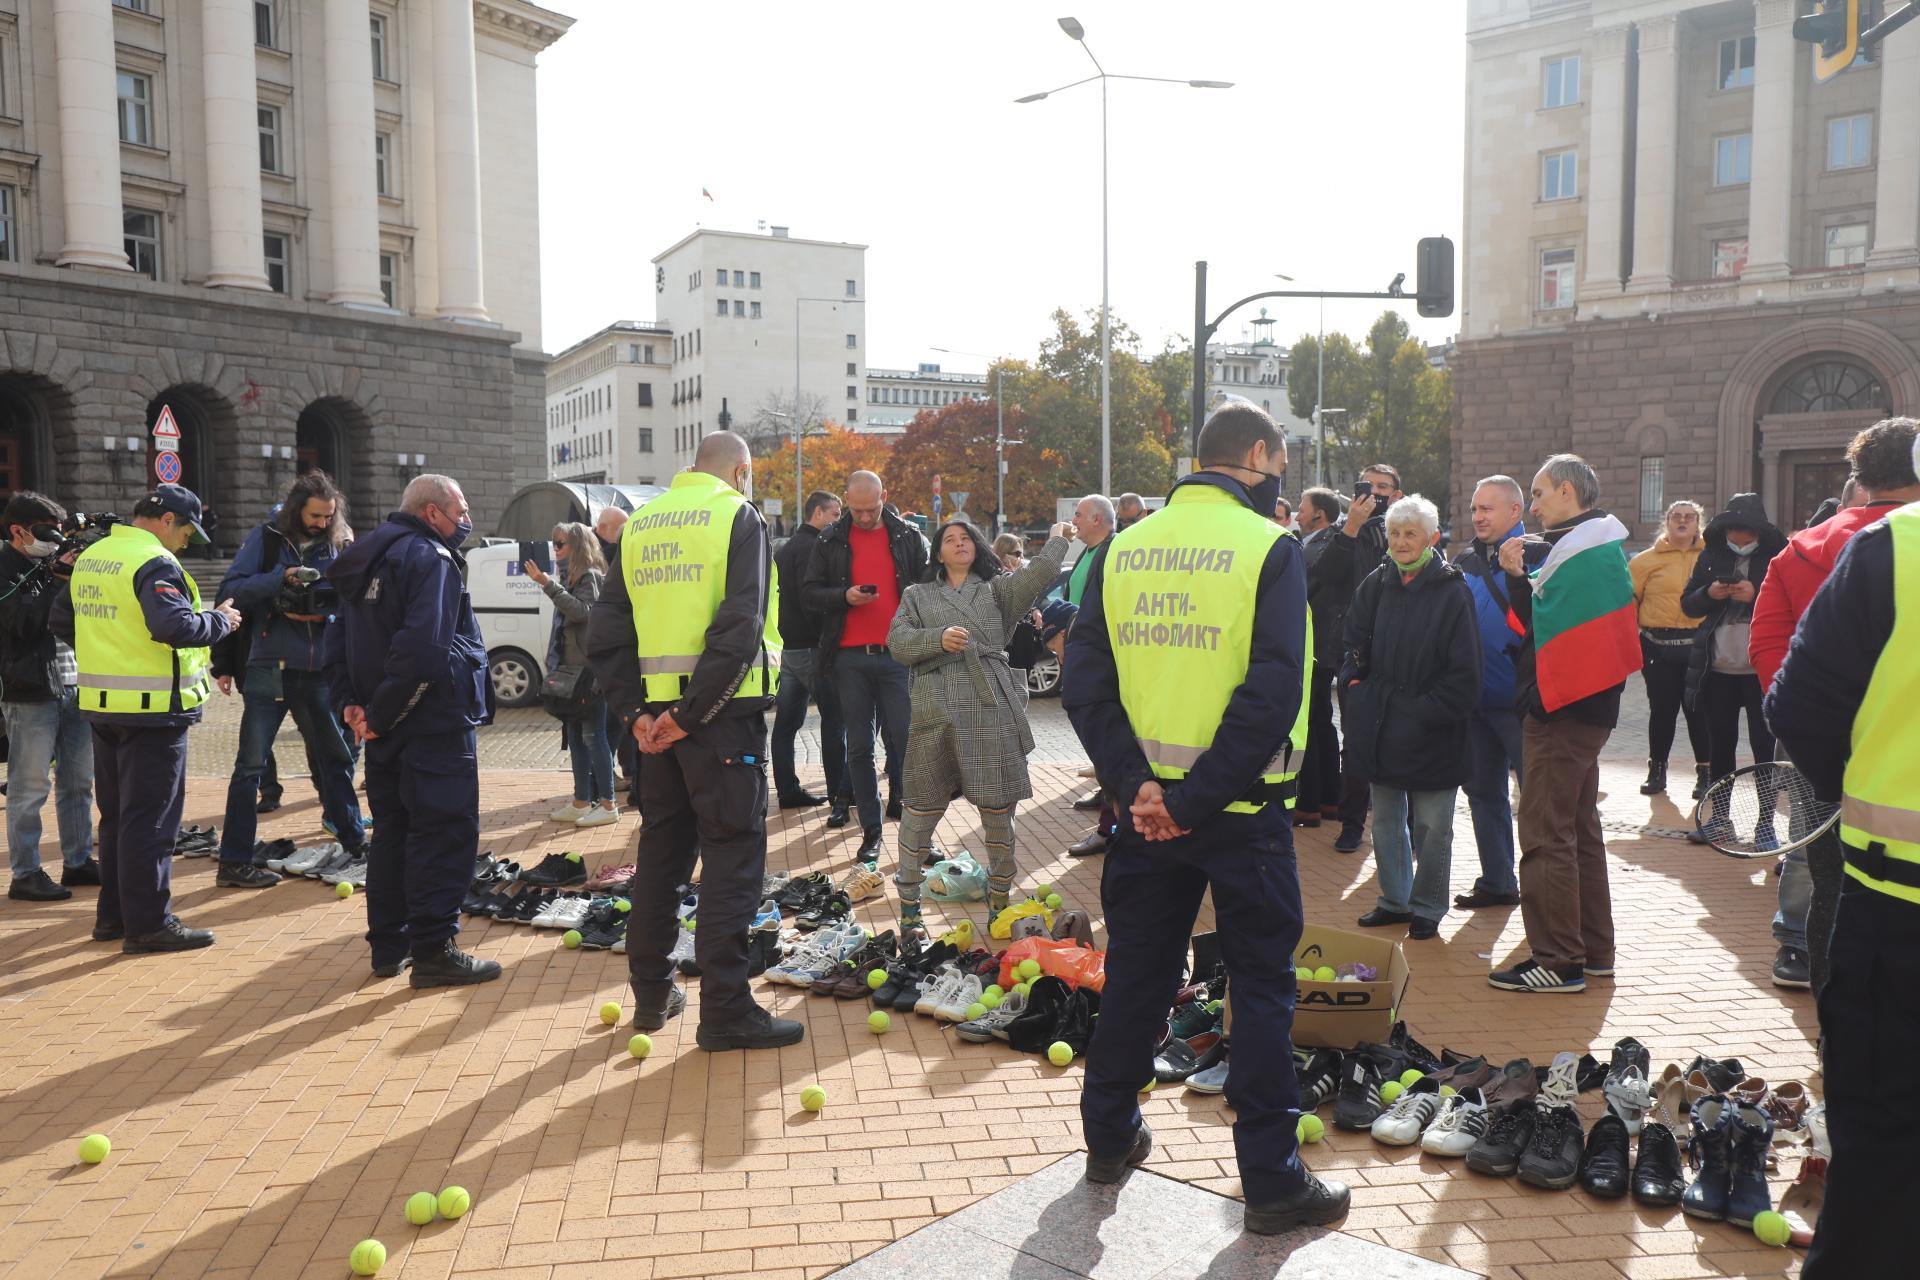 <p>По обяд днес &bdquo;Отровното трио&quot; организира пред Министерския съвет нов тип протест. Той е под надслов &bdquo;Ден 120: изтърканите обувки на над 2 милиона българи&rdquo;. Обувки&nbsp; ще бъдат хвърлени пред вратата на Министерския съвет. Целта е да се покаже колко много българи са напуснали страната в търсене на препитание навън.</p>